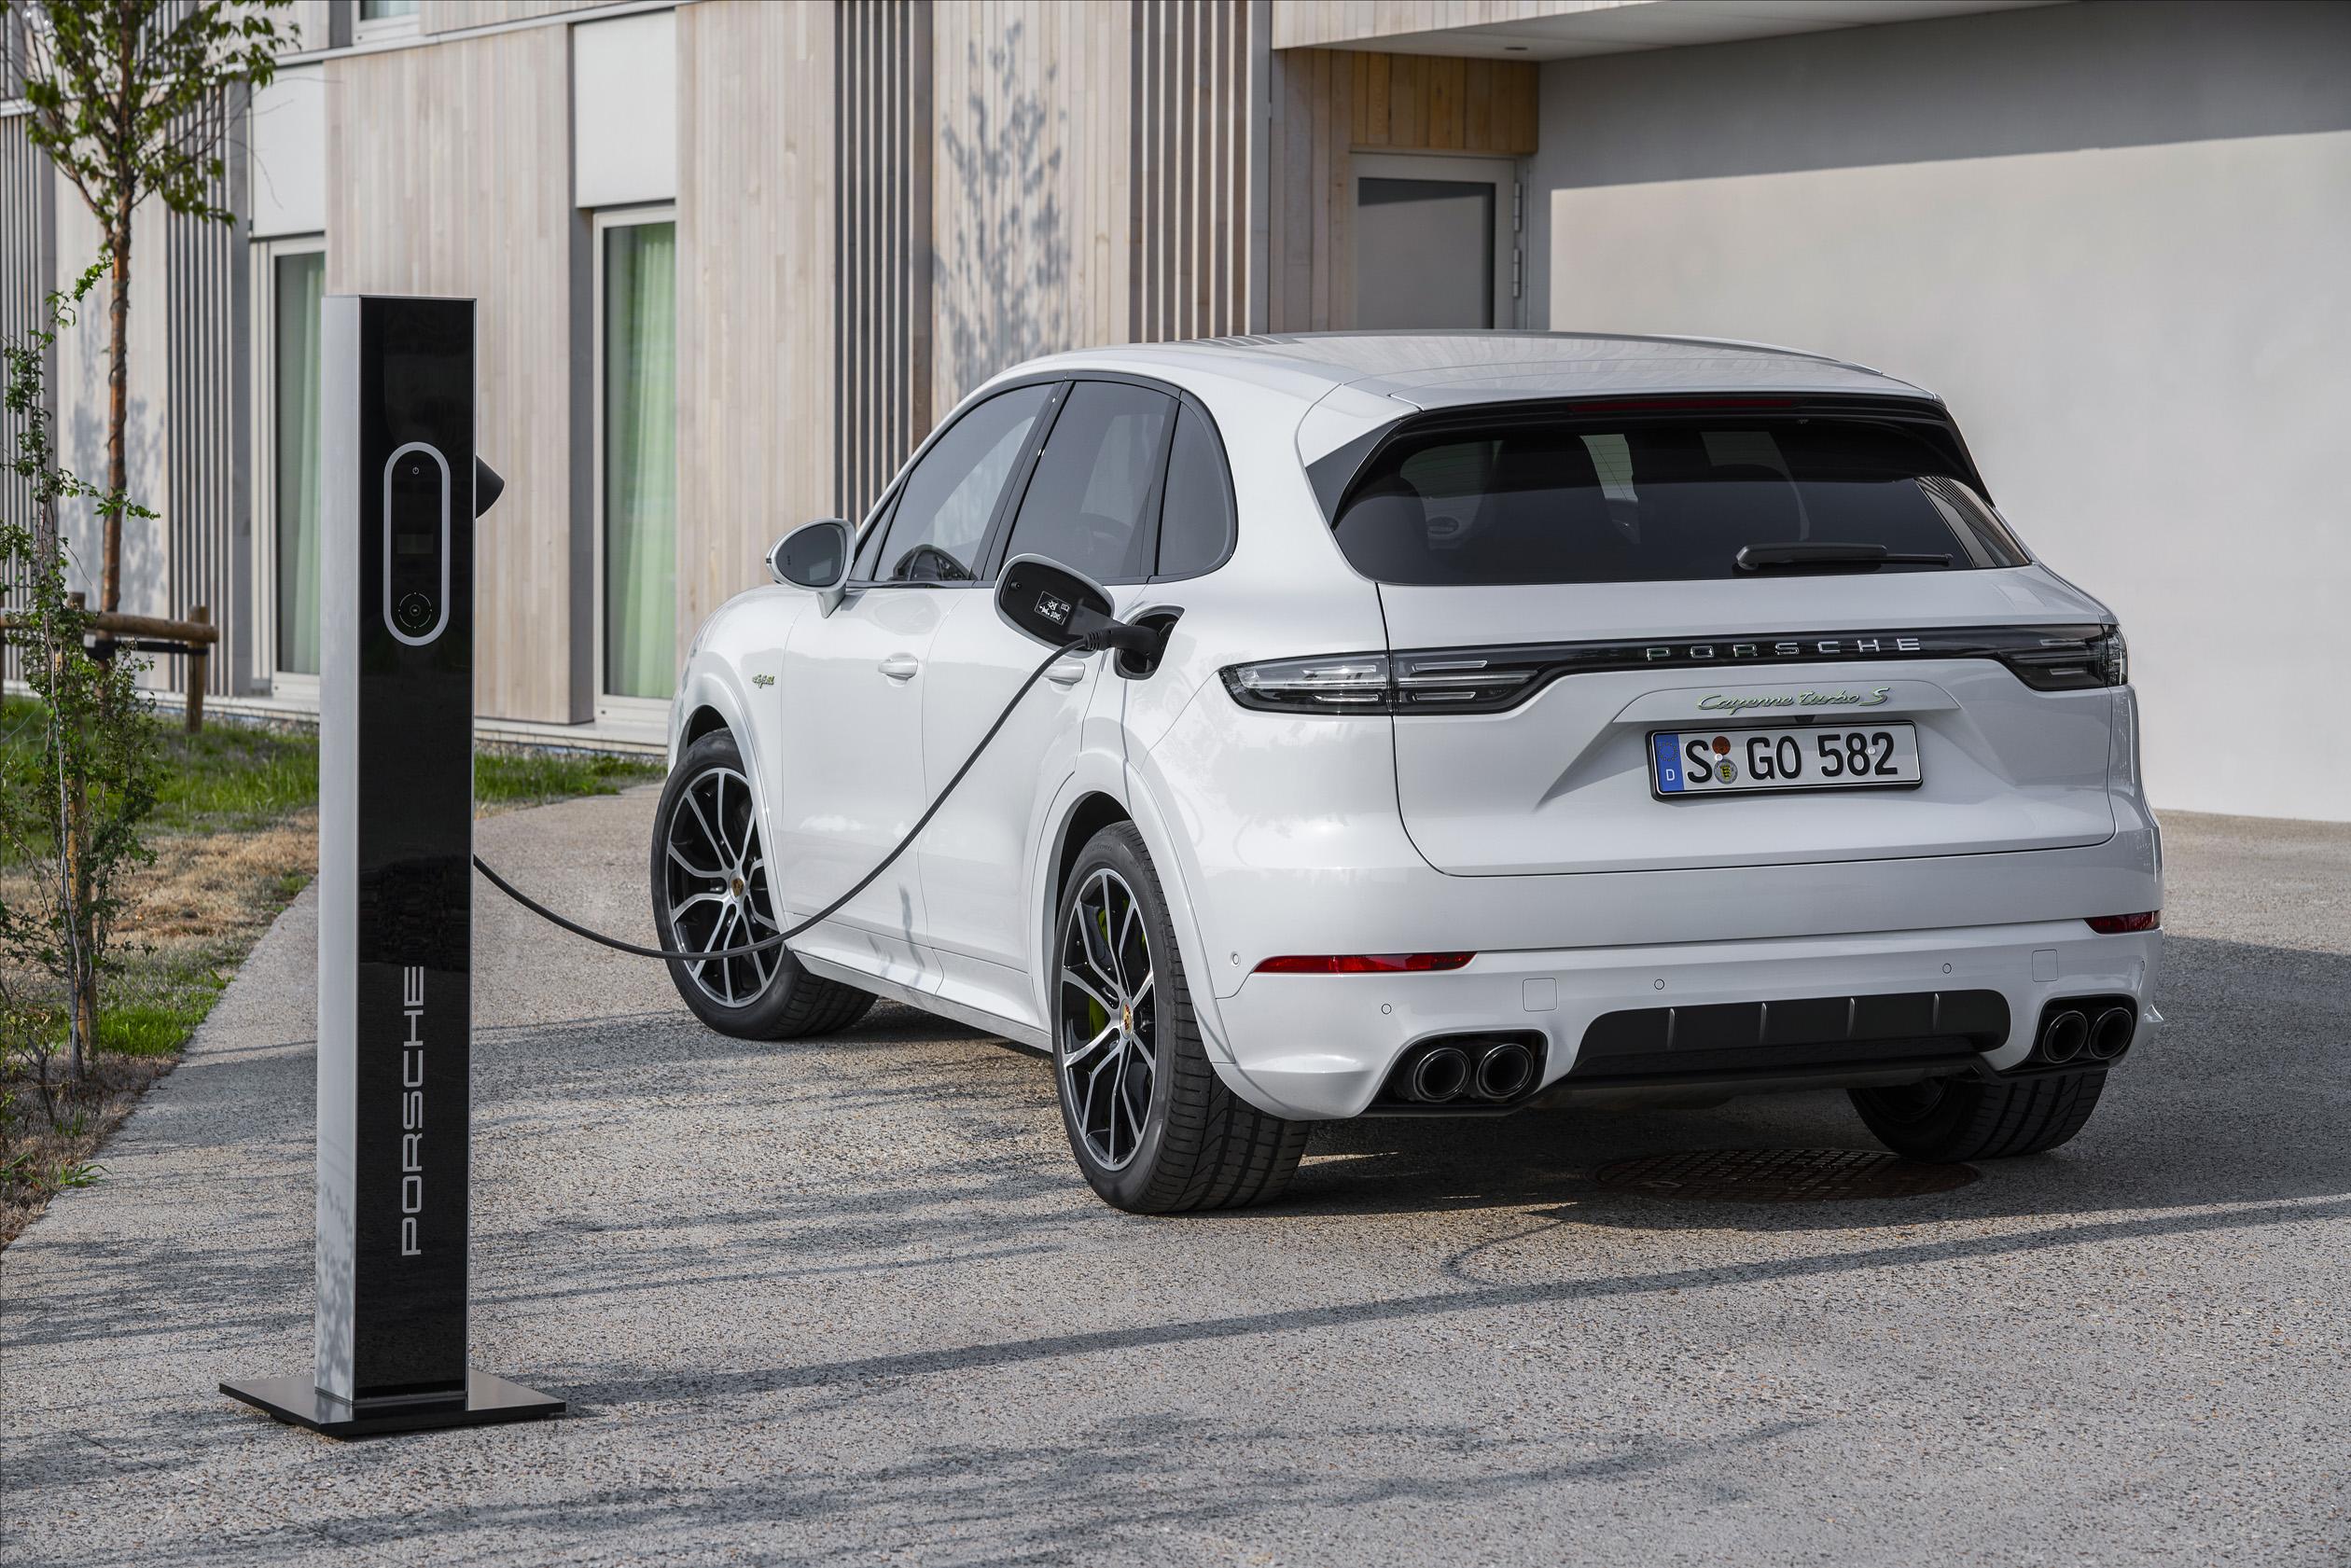 Cel mai puternic Porsche Cayenne este un hibrid plug-in